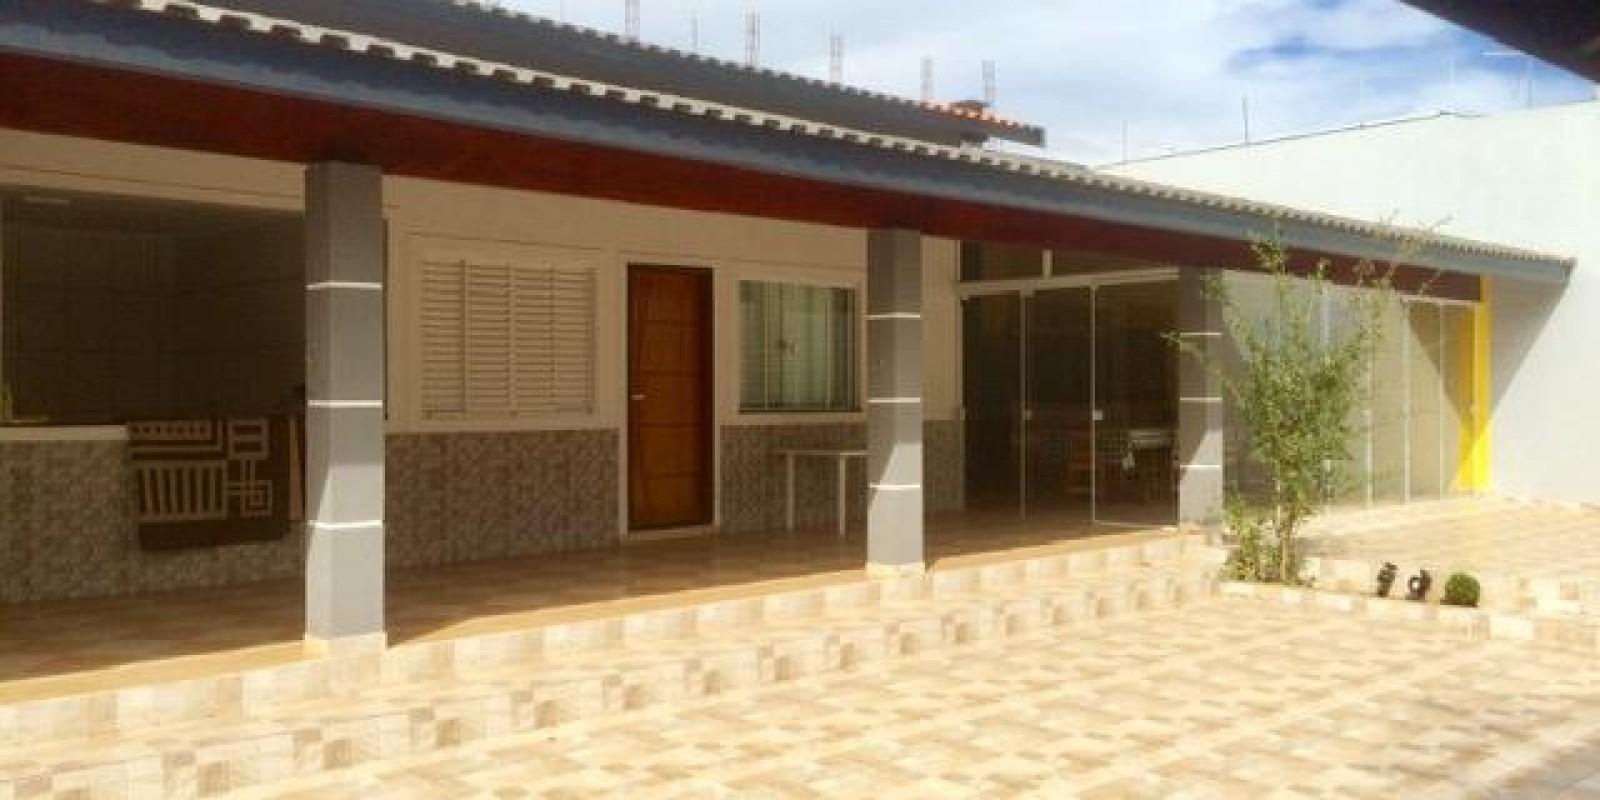 Casa no Bairro Jardim São Paulo em Avaré SP - Foto 1 de 20